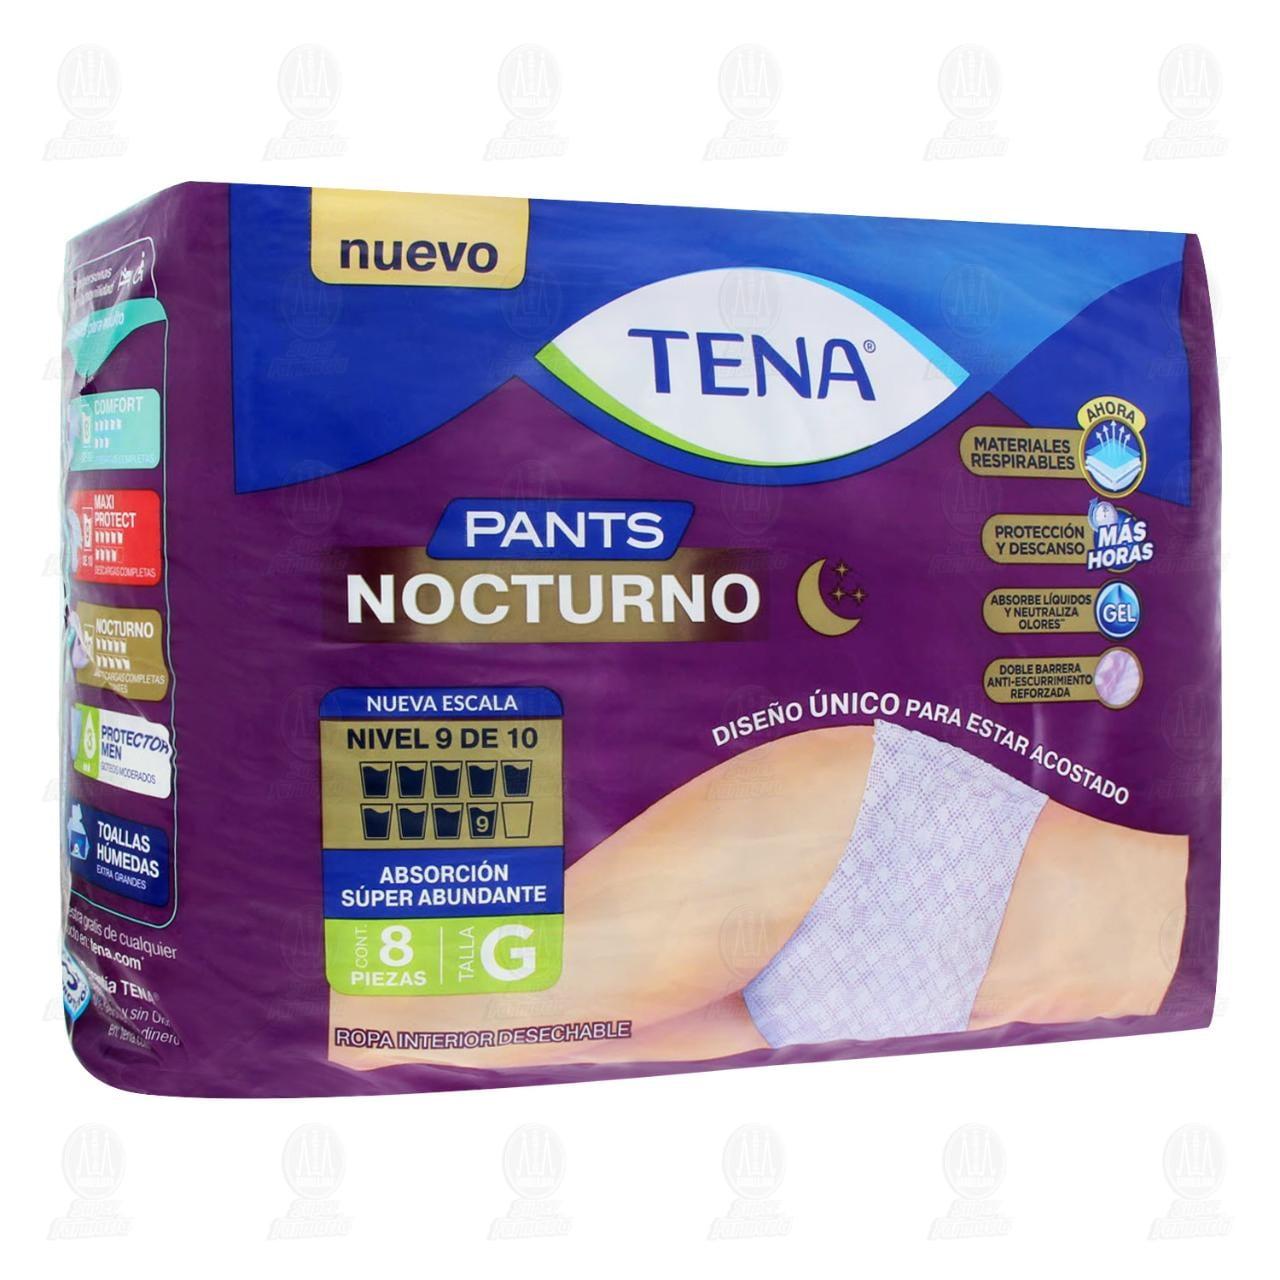 comprar https://www.movil.farmaciasguadalajara.com/wcsstore/FGCAS/wcs/products/1306650_A_1280_AL.jpg en farmacias guadalajara